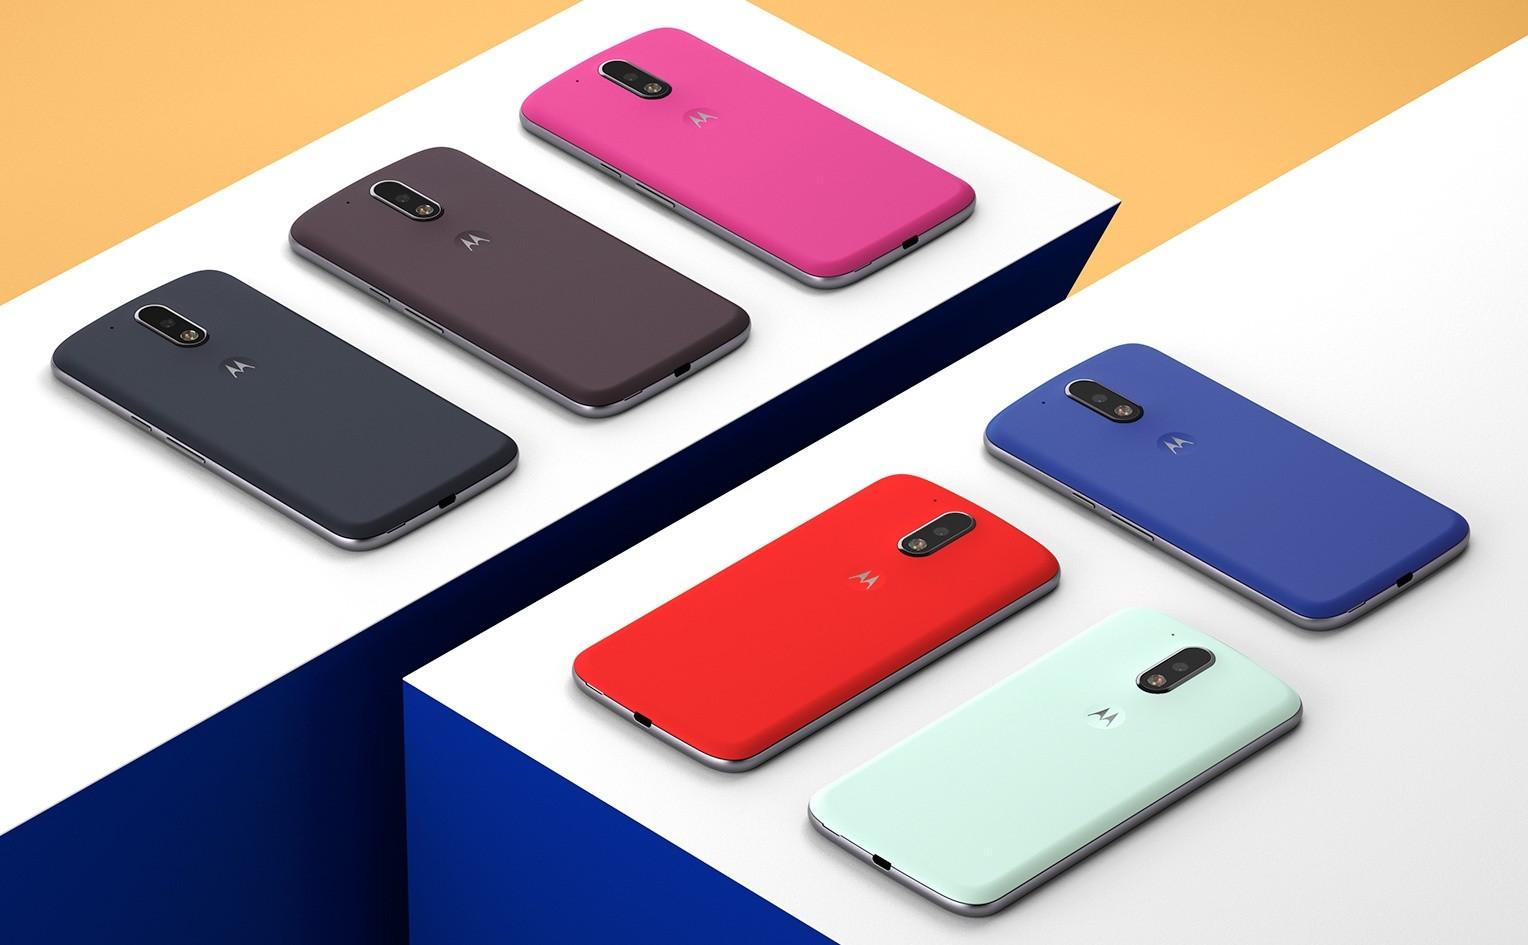 Обзор смартфонов Moto G4 и G4 Plus: добротные «середнячки» от компании Lenovo